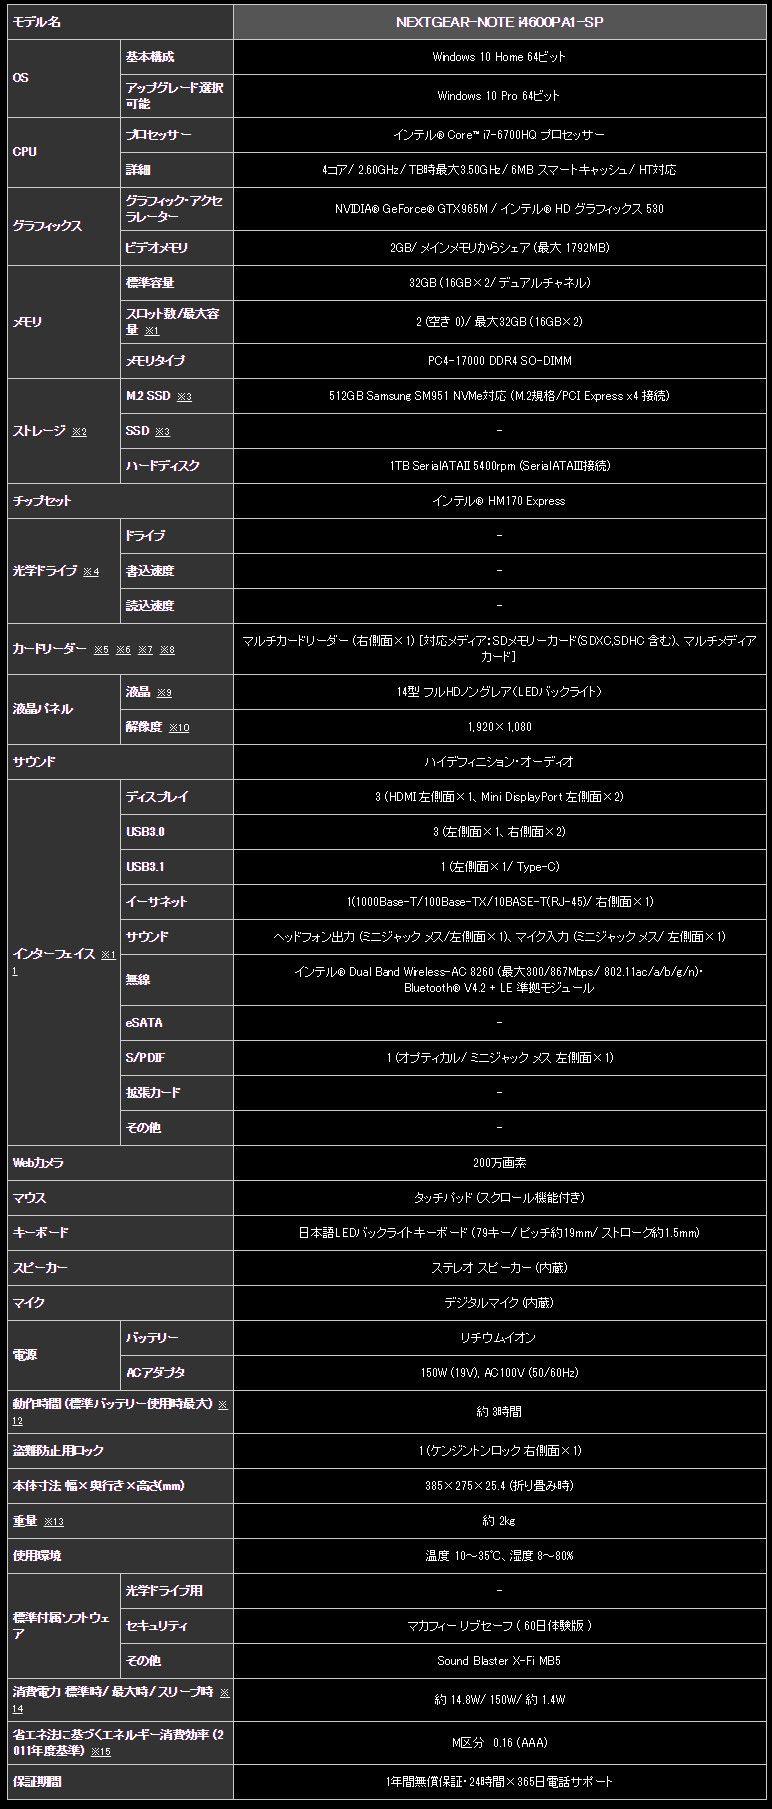 マウス NEXTGEAR NOTE i4600 スペック表